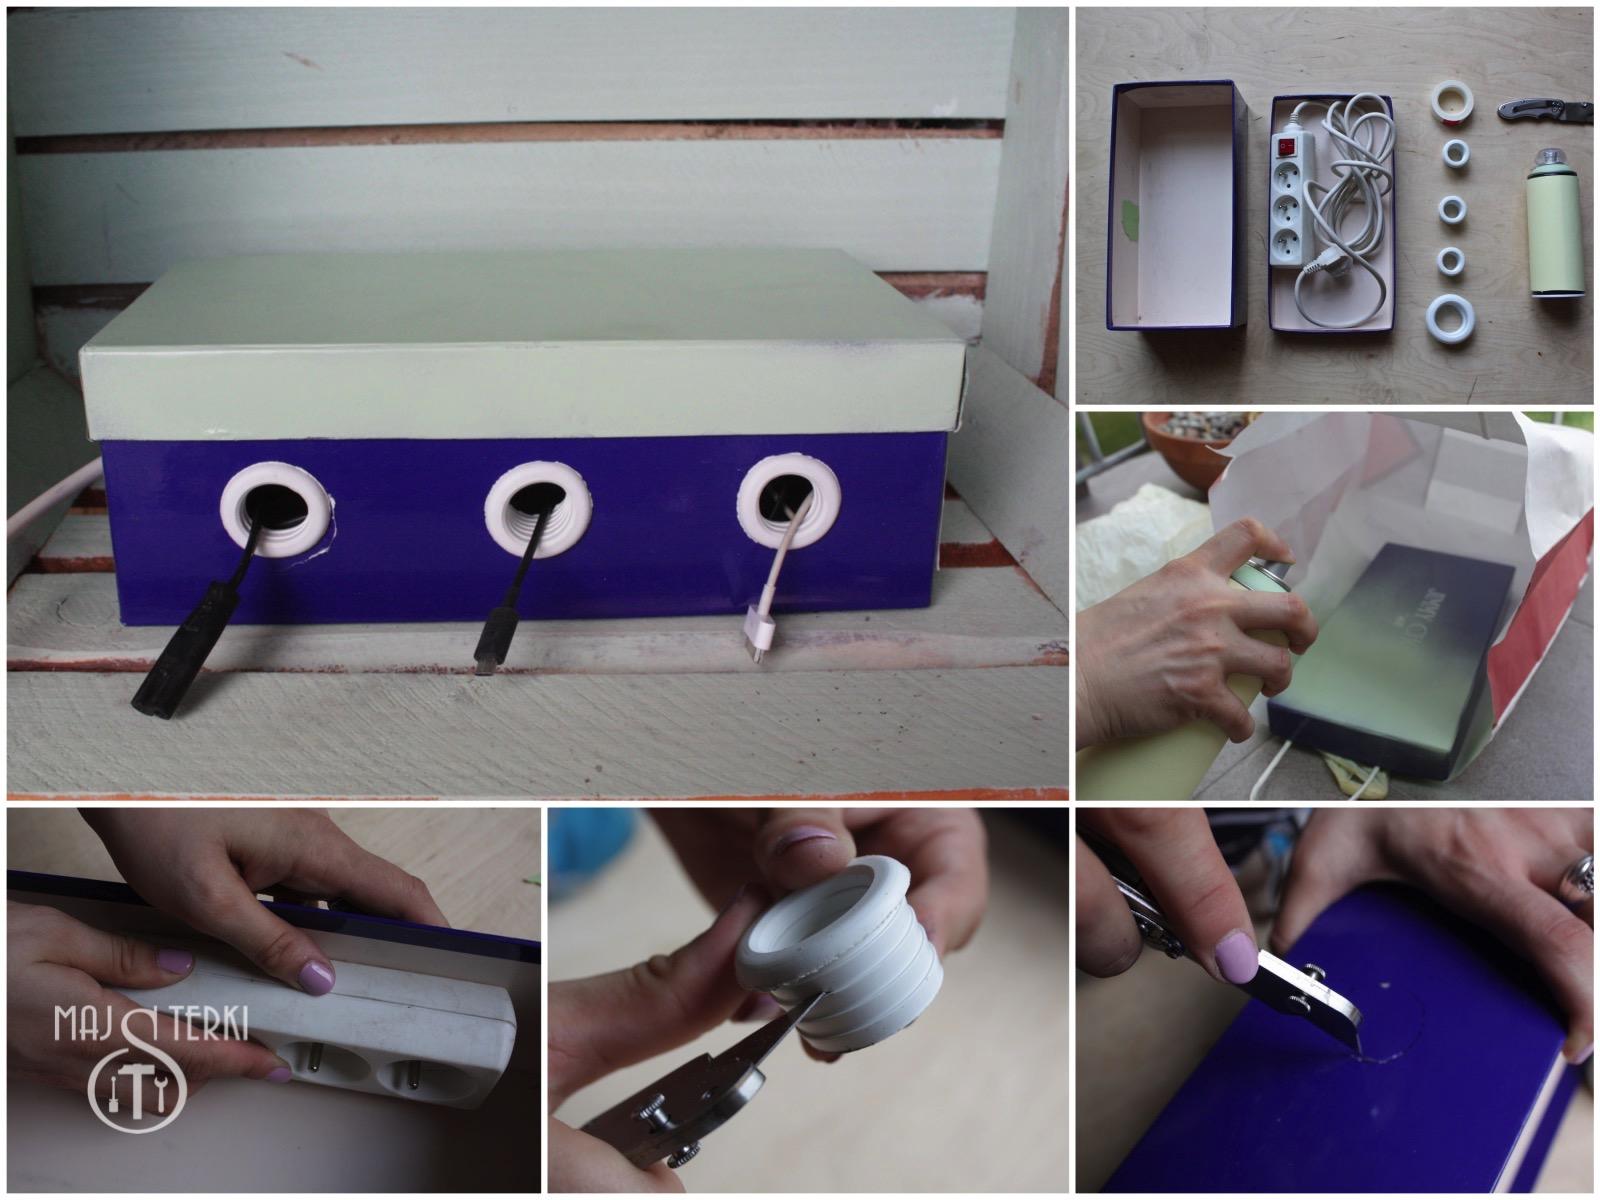 Jak ukryć i uporządkować kable i ładowarki?